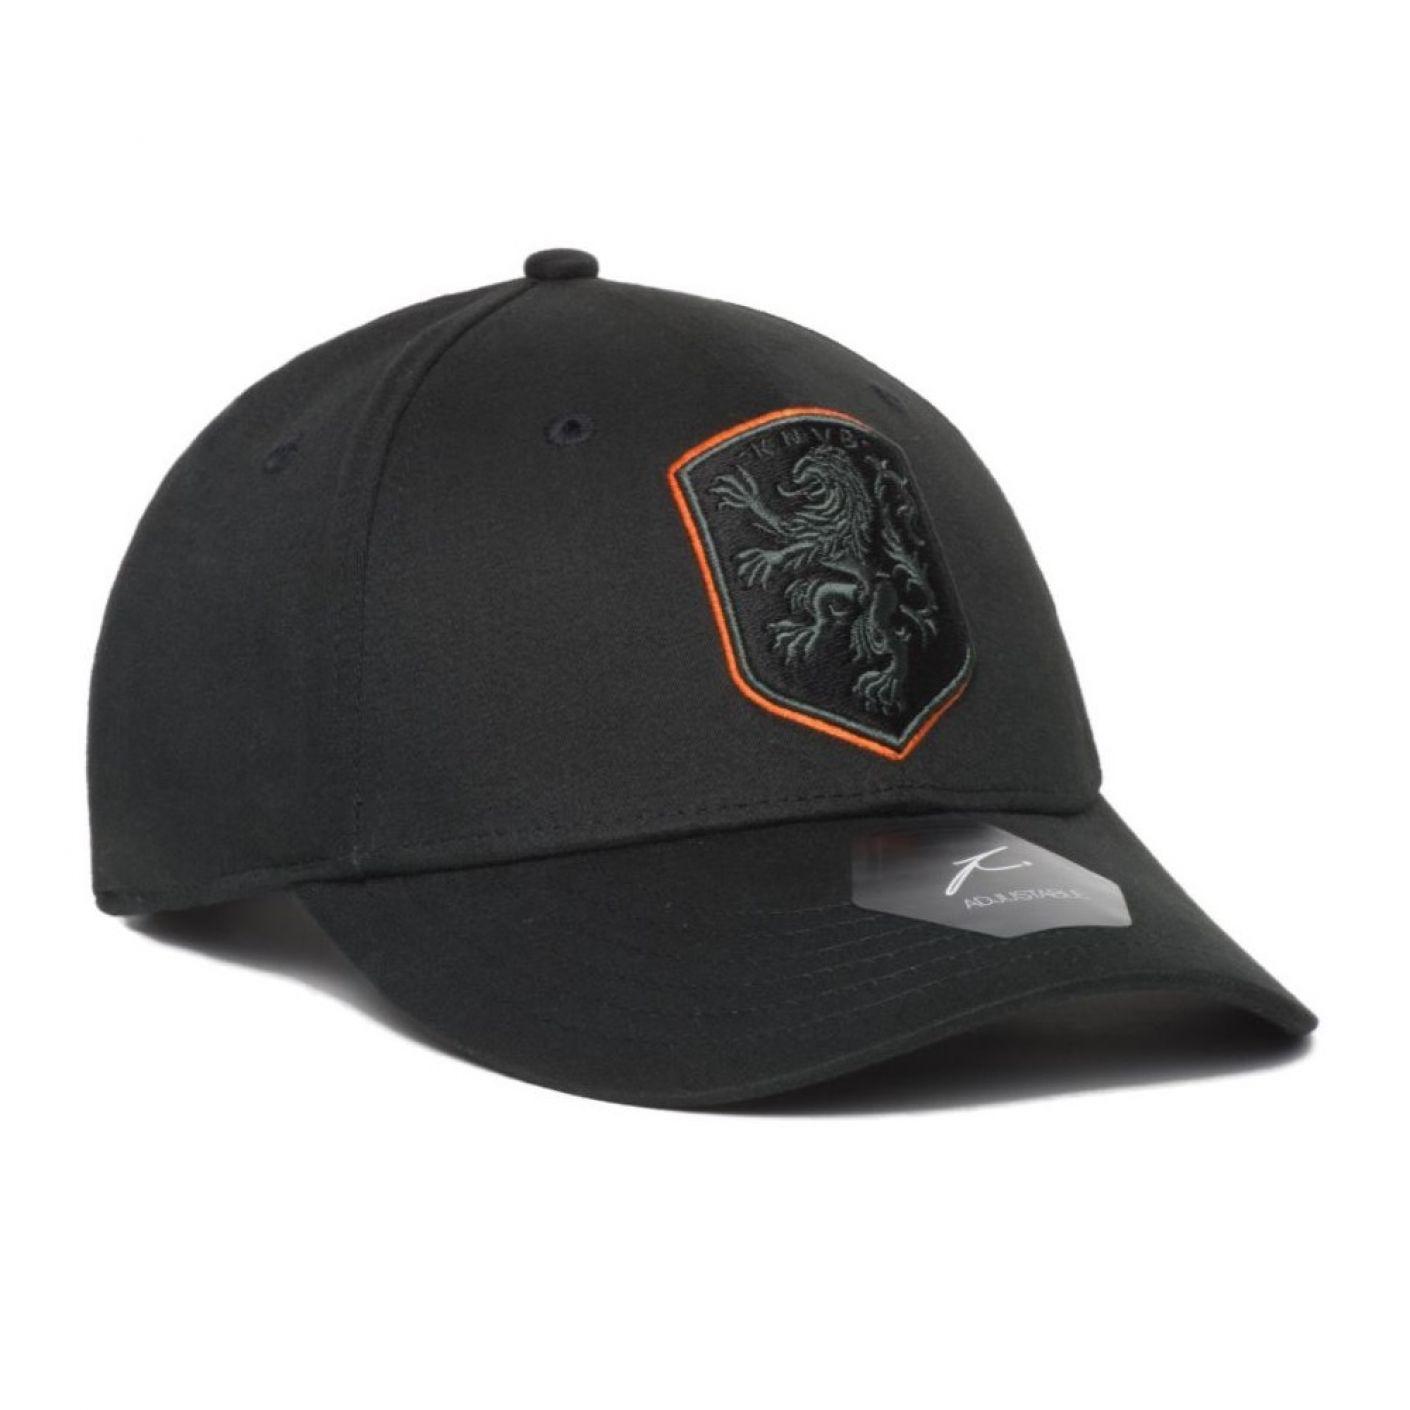 KNVB Neon Cap Zwart